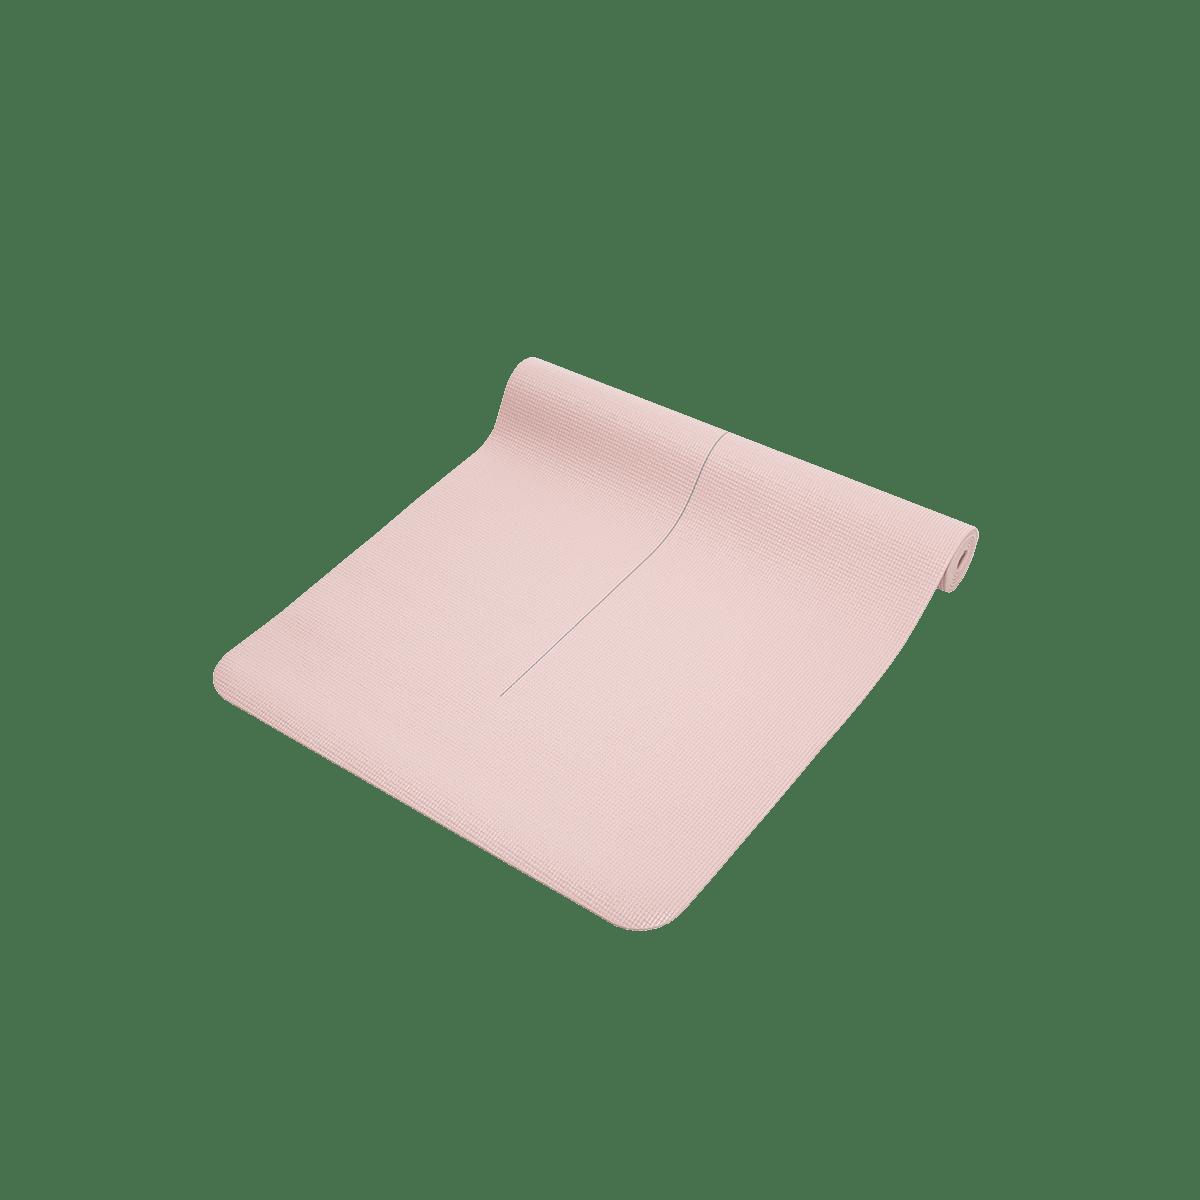 Podložka na jógu 3 mm - světle růžová